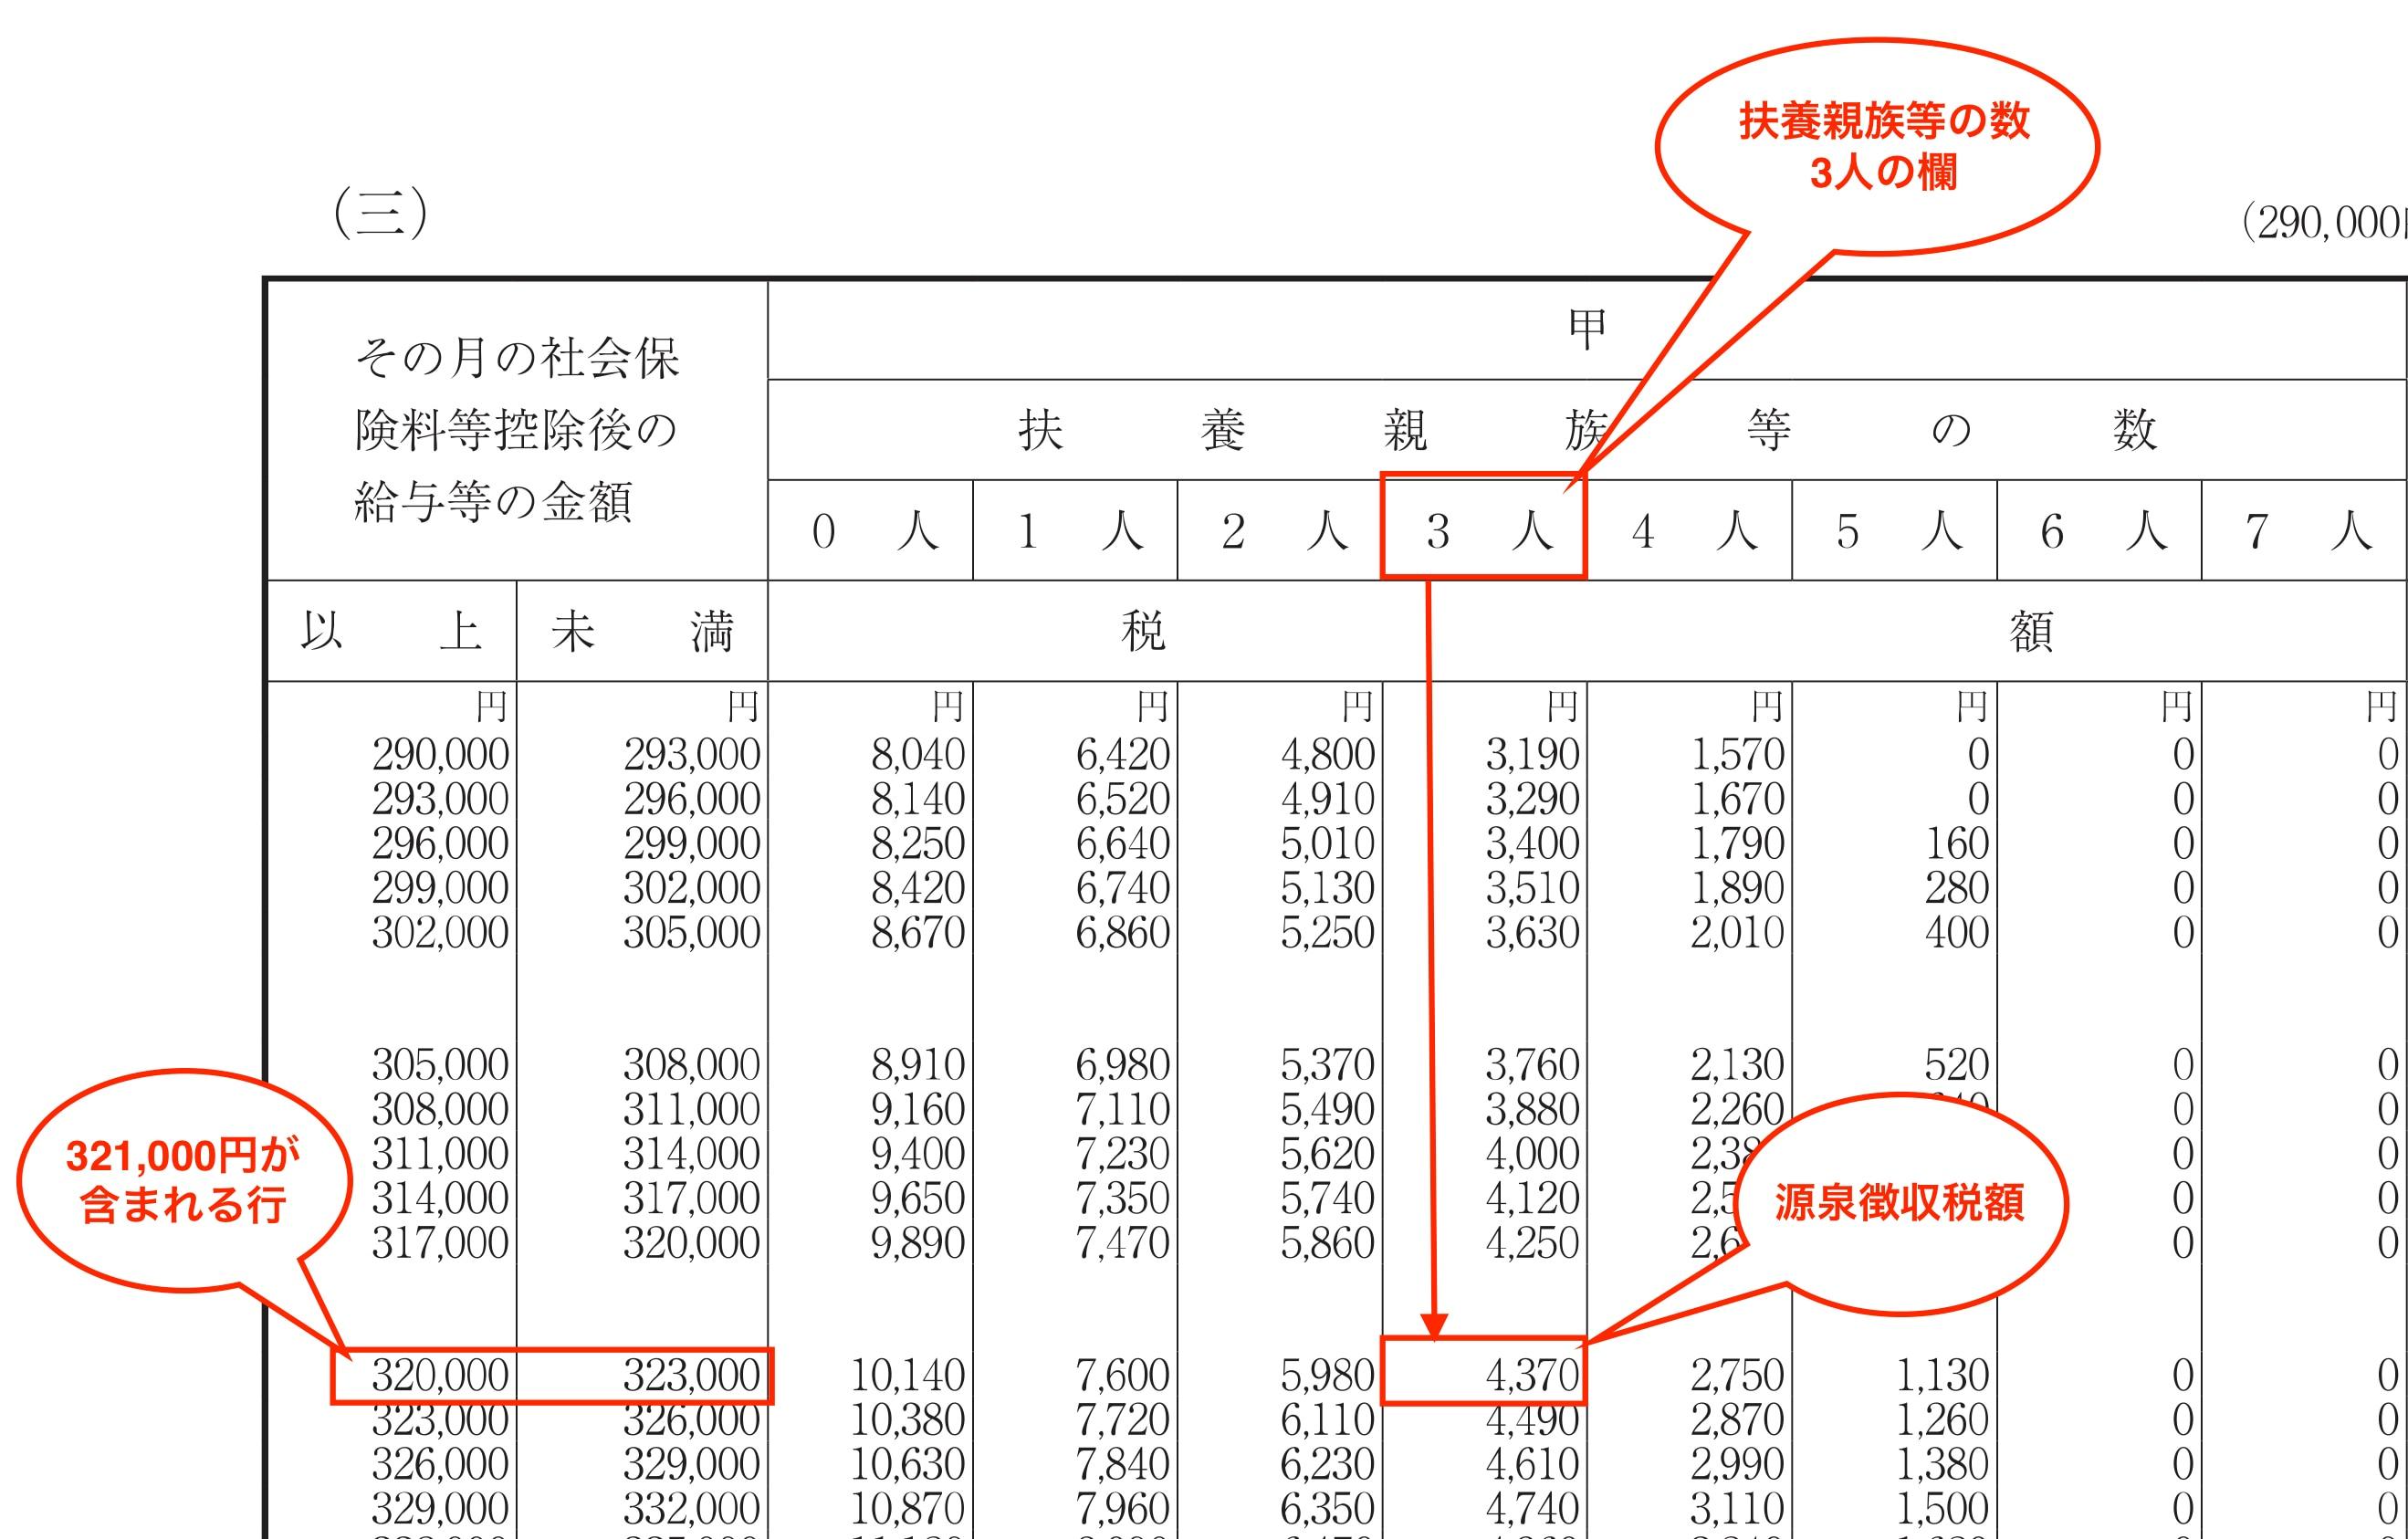 1.給与の源泉徴収税額表